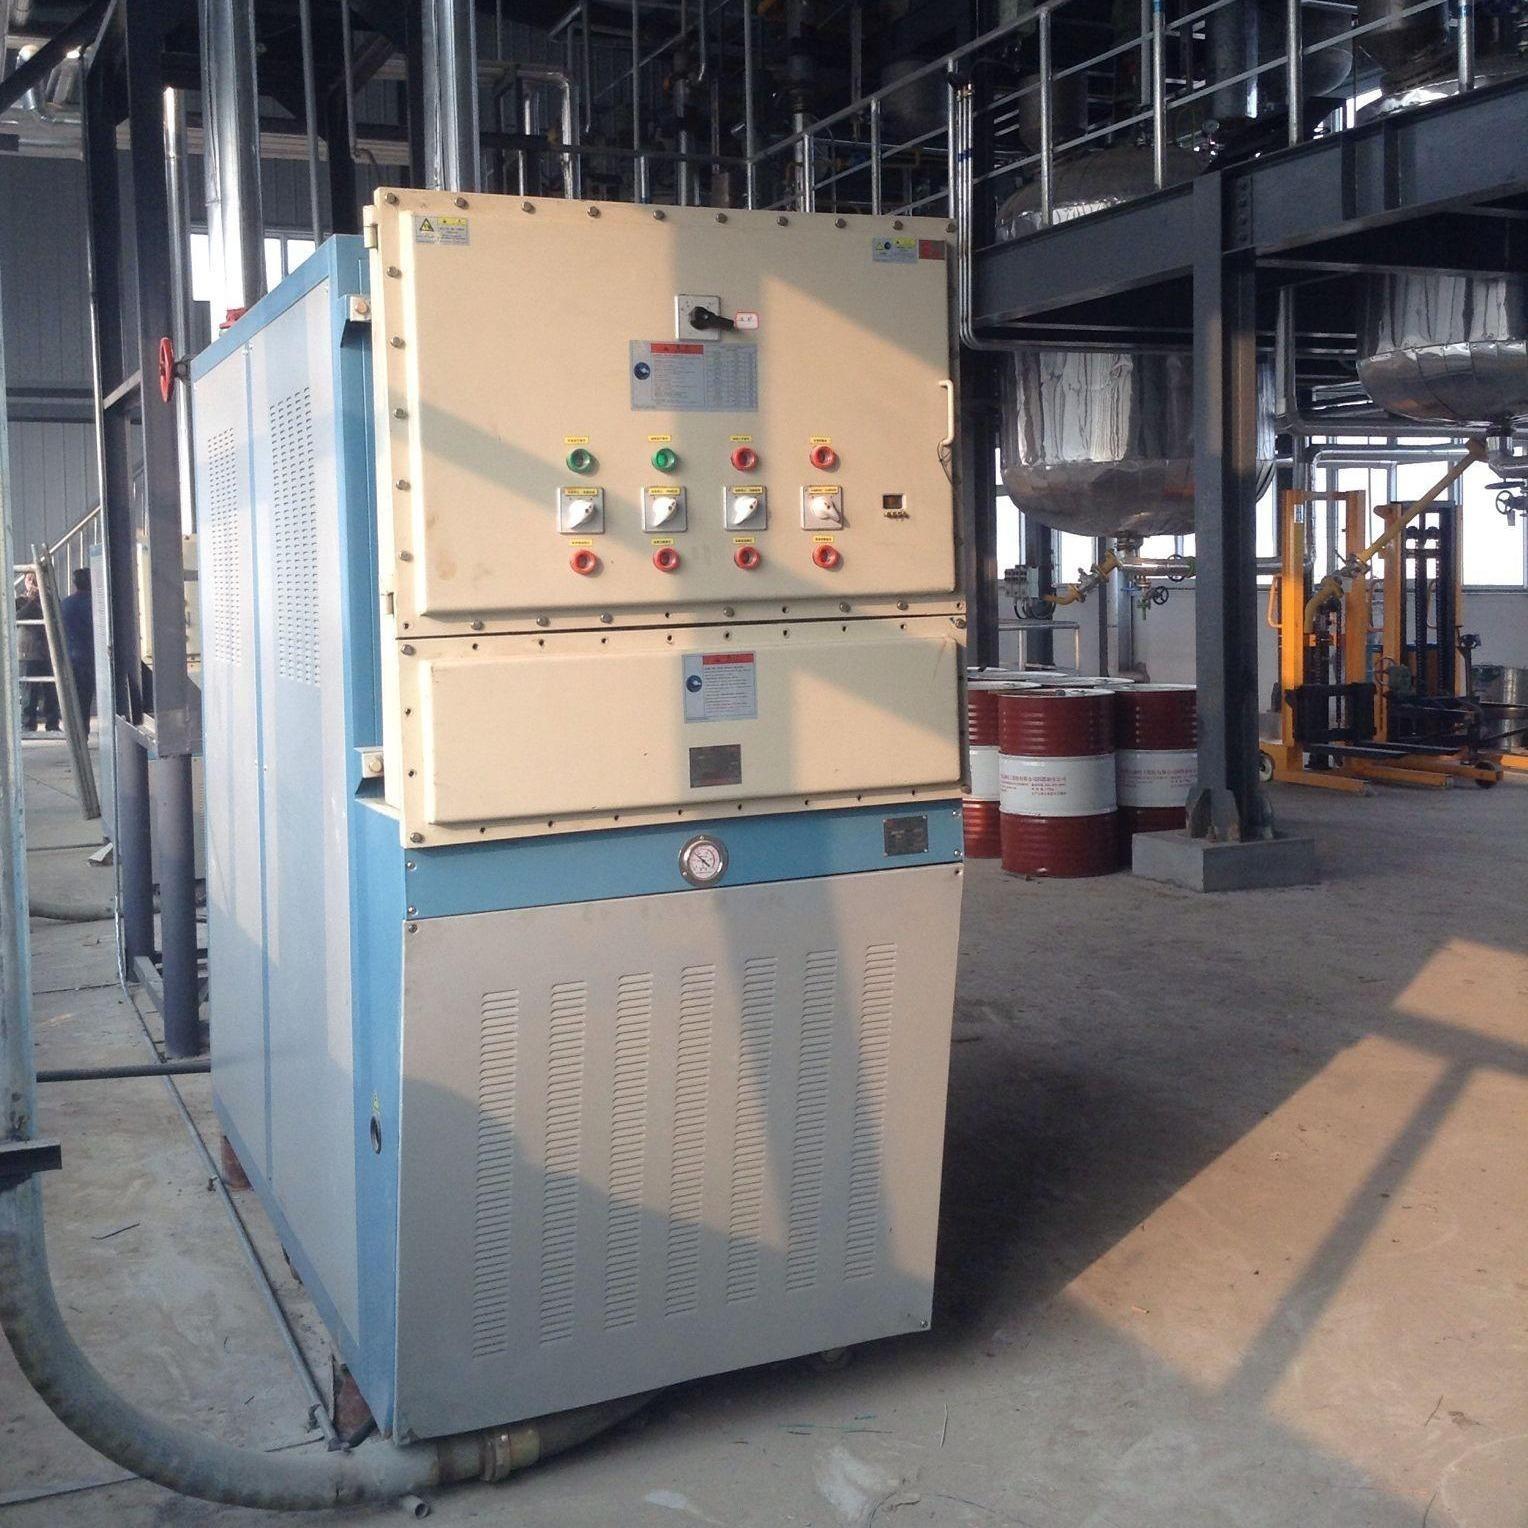 廠家直銷 擠塑板模具油溫機  擠出模溫機生產廠家 擠出模溫機廠家 價格實在 利德盛機械